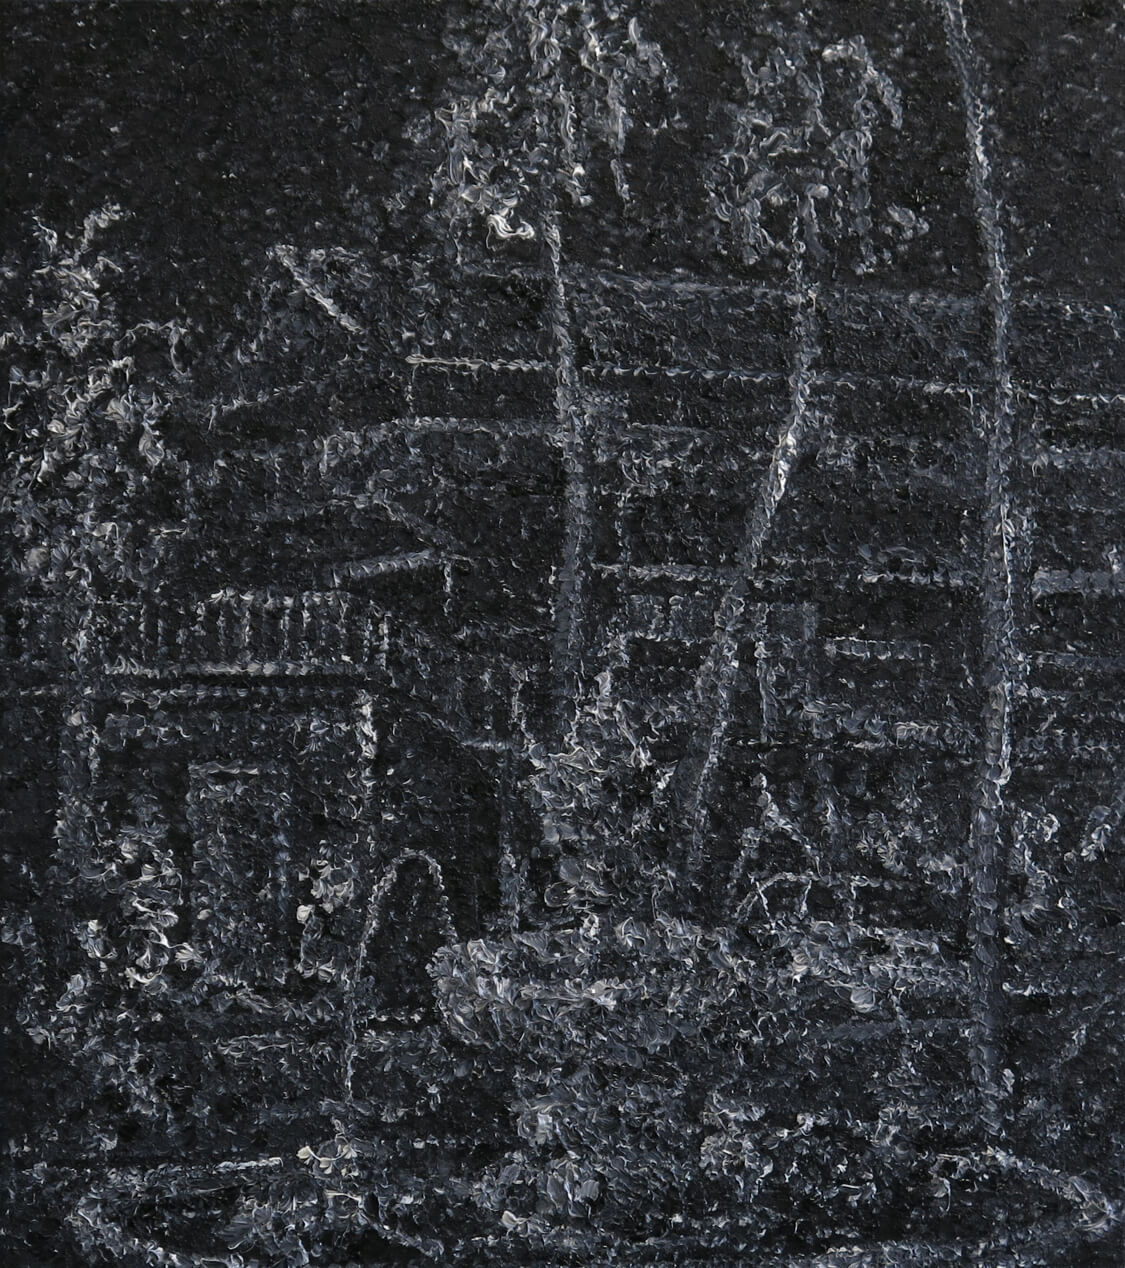 Fountain I - Oil on Canvas, 67 x 60 cm, 2013